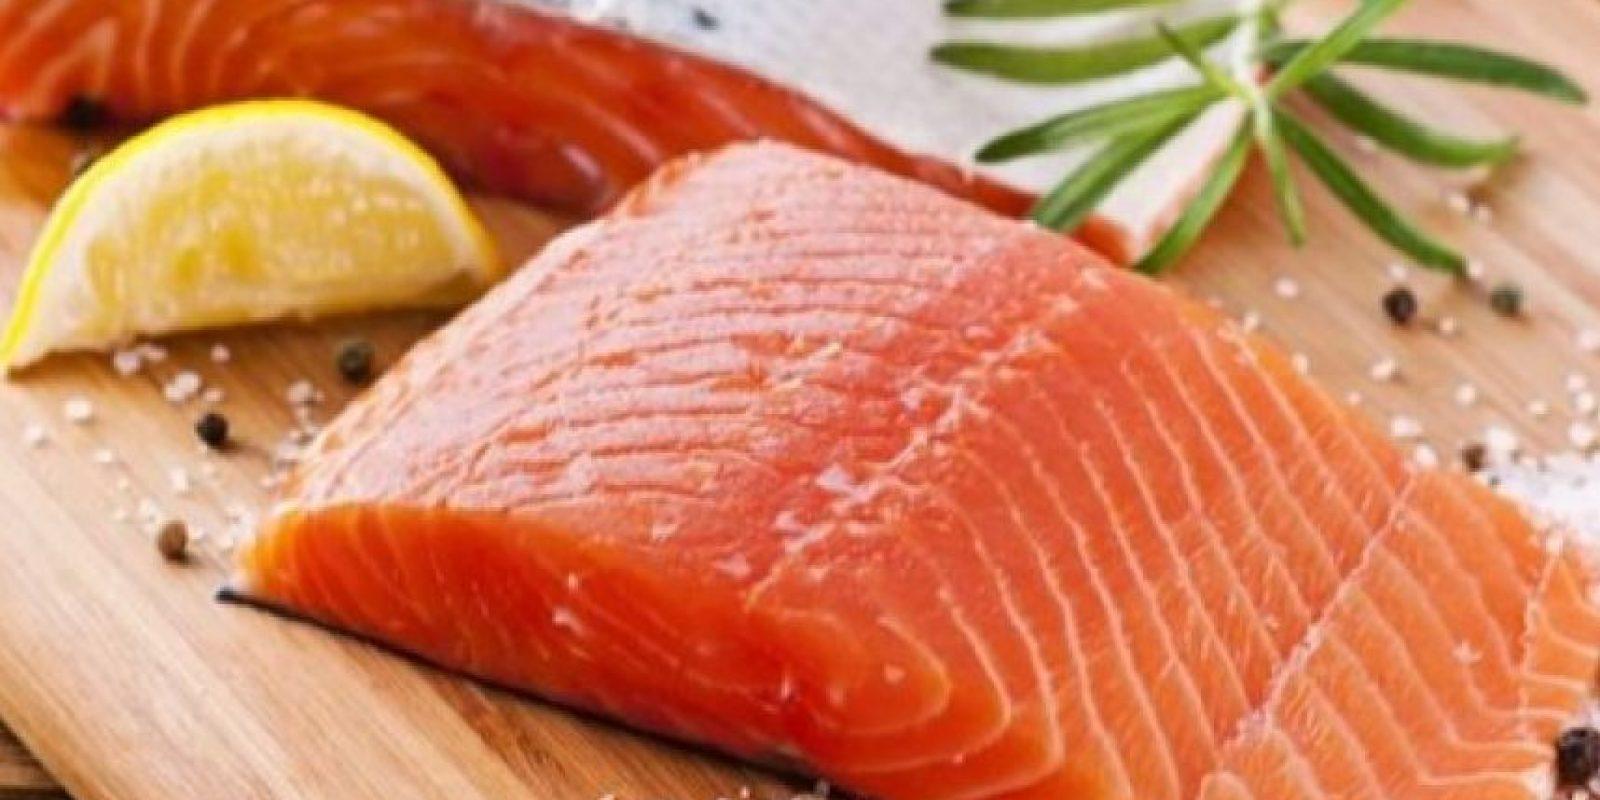 Ingesta de ácidos grasos omega 3 Foto:Sanasana.com